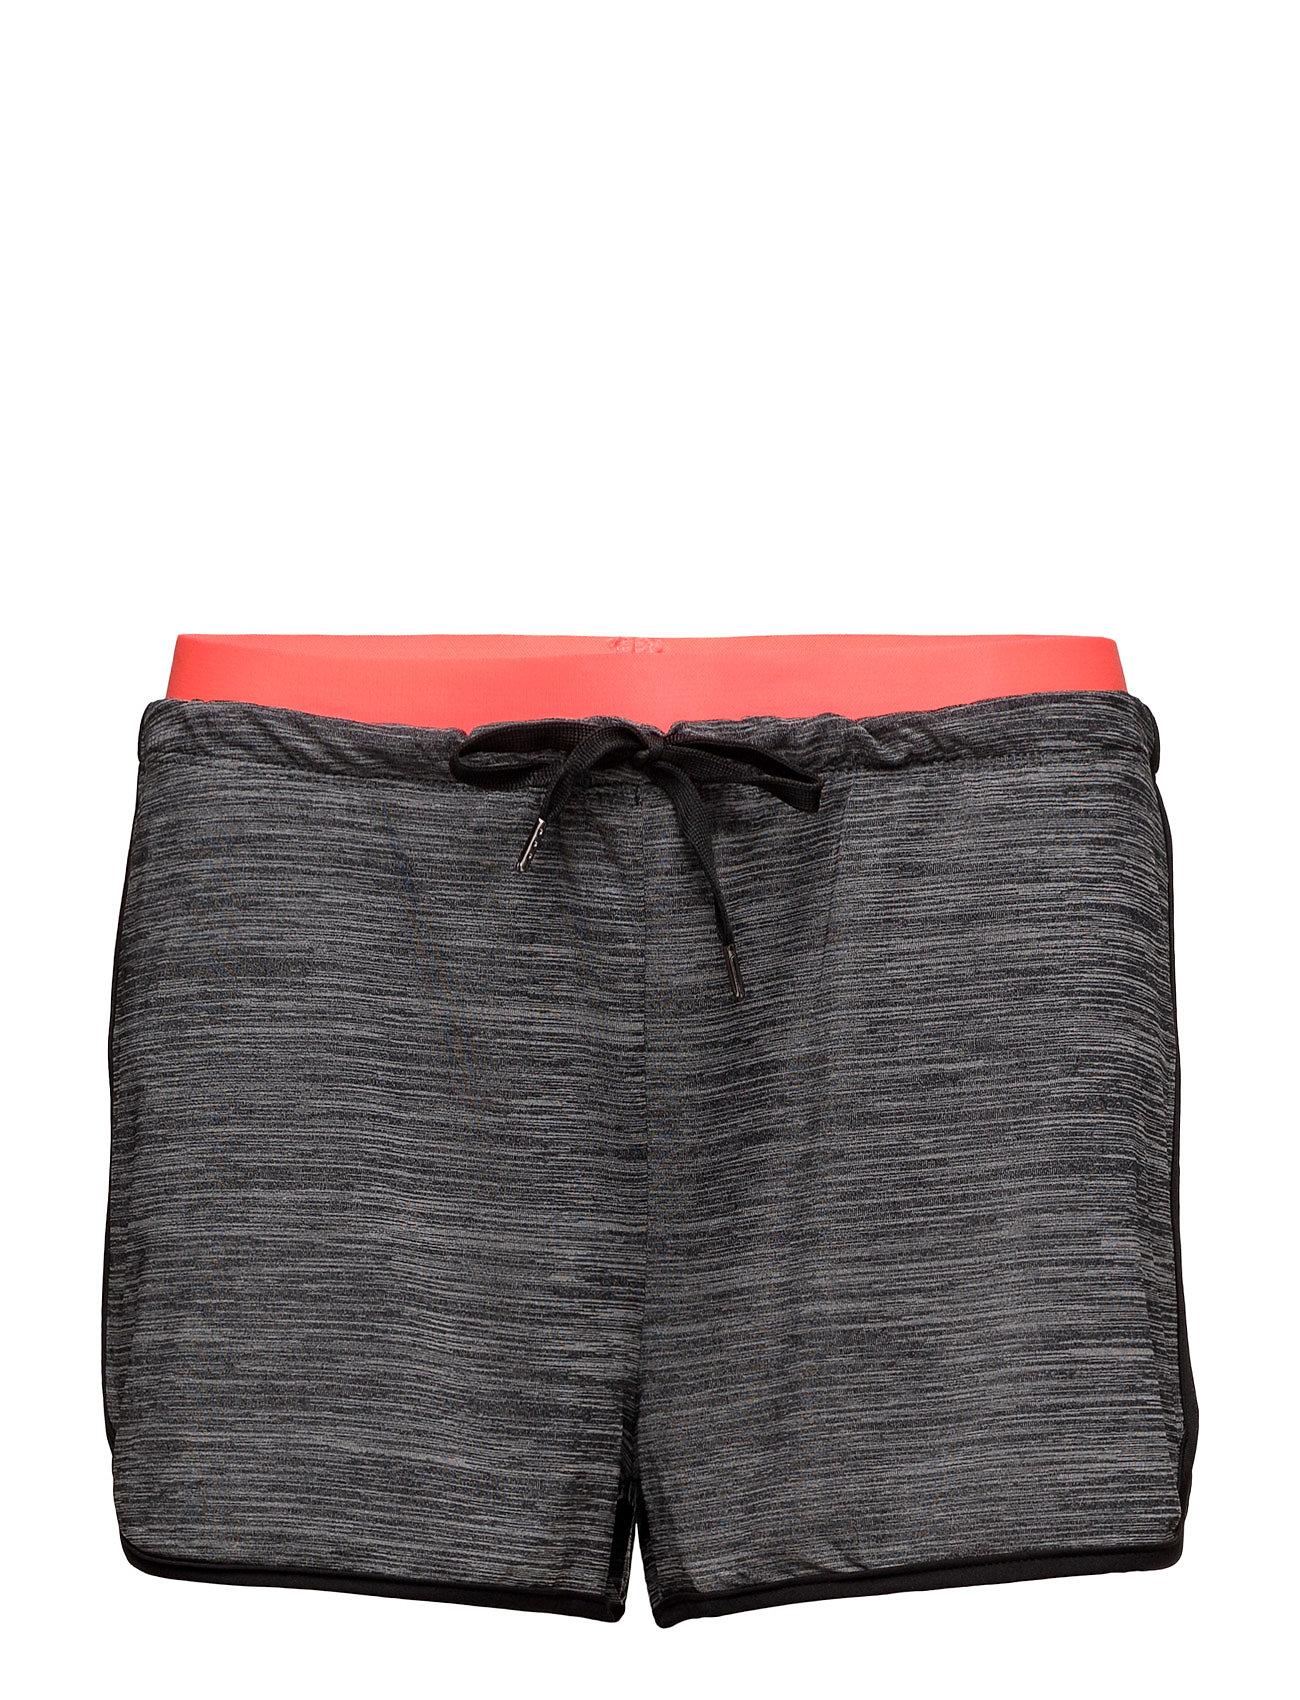 Contrast Waist Short Mango Sports Træningsshorts til Damer i Mellem grå